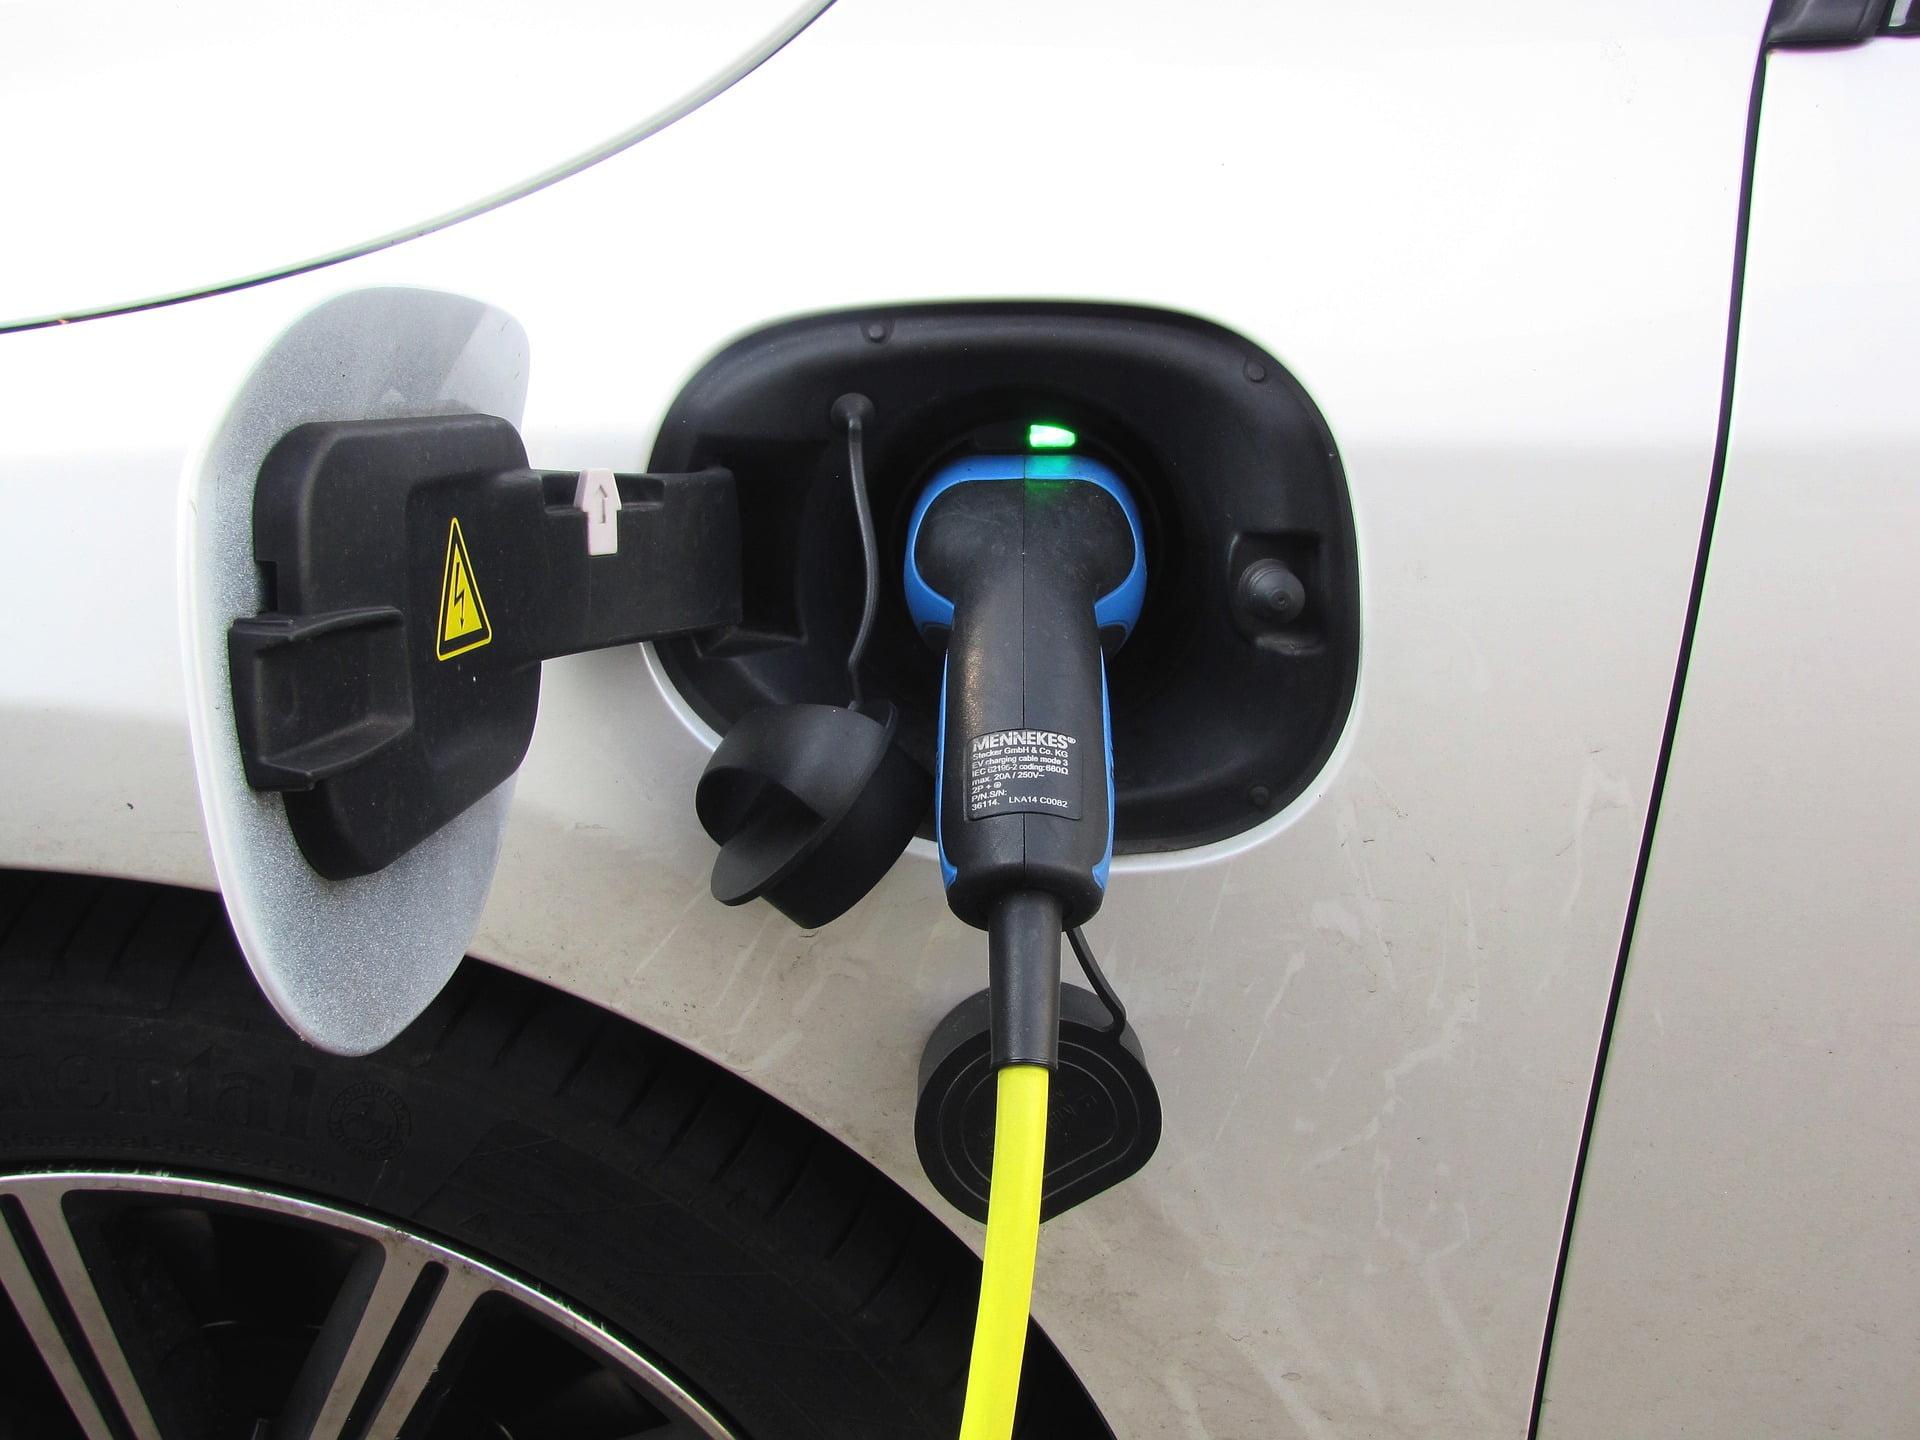 De ce stațiile de încărcare pentru mașini electrice vor deveni o investiție excelentă